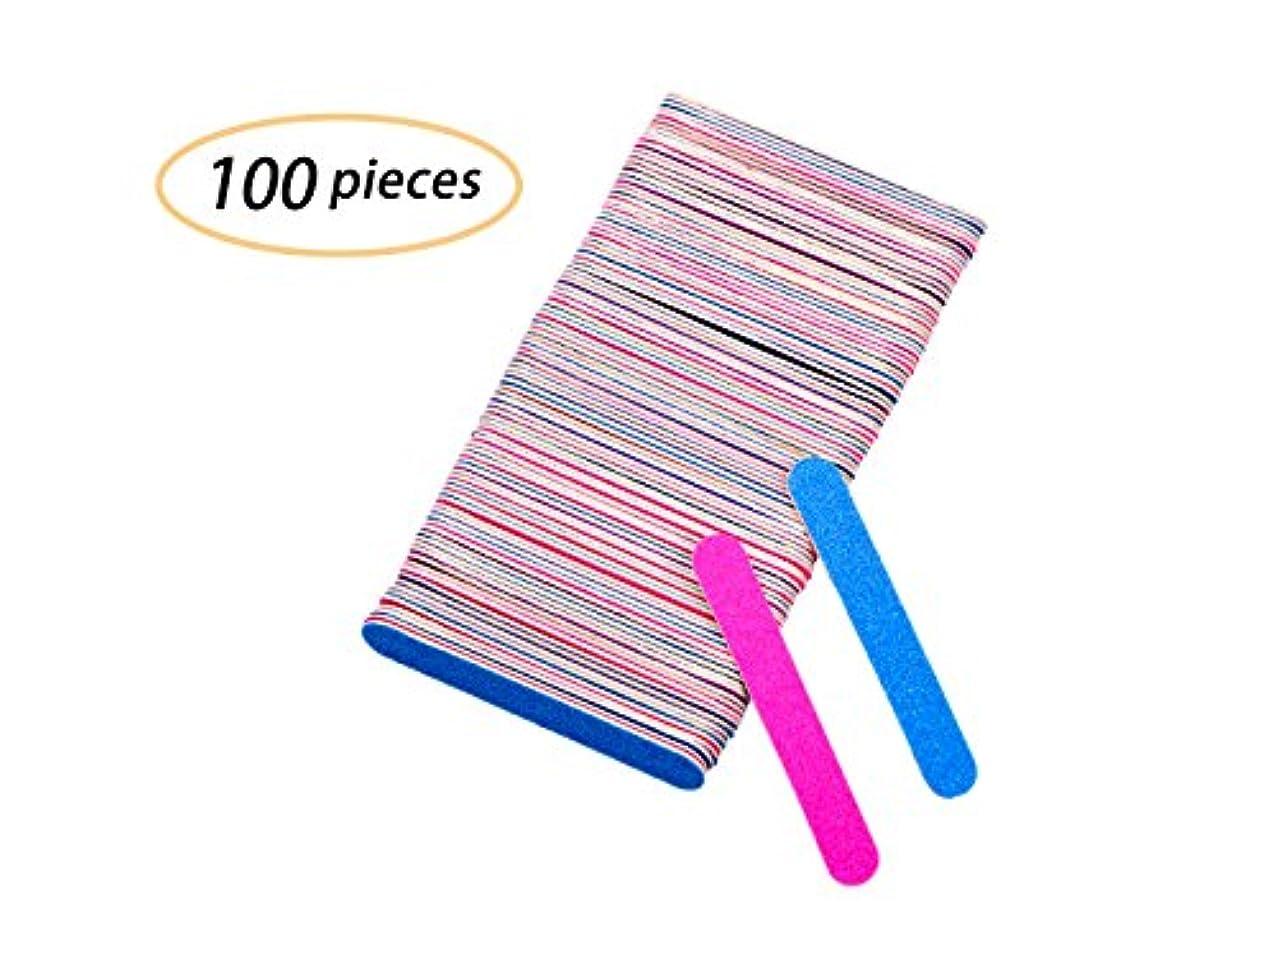 コストリズムカブYolito 100pcs ネイルファイル エメリーボード 爪やすり使い捨て 爪磨き両面 ジェルネイル/自爪(180、240グリット)